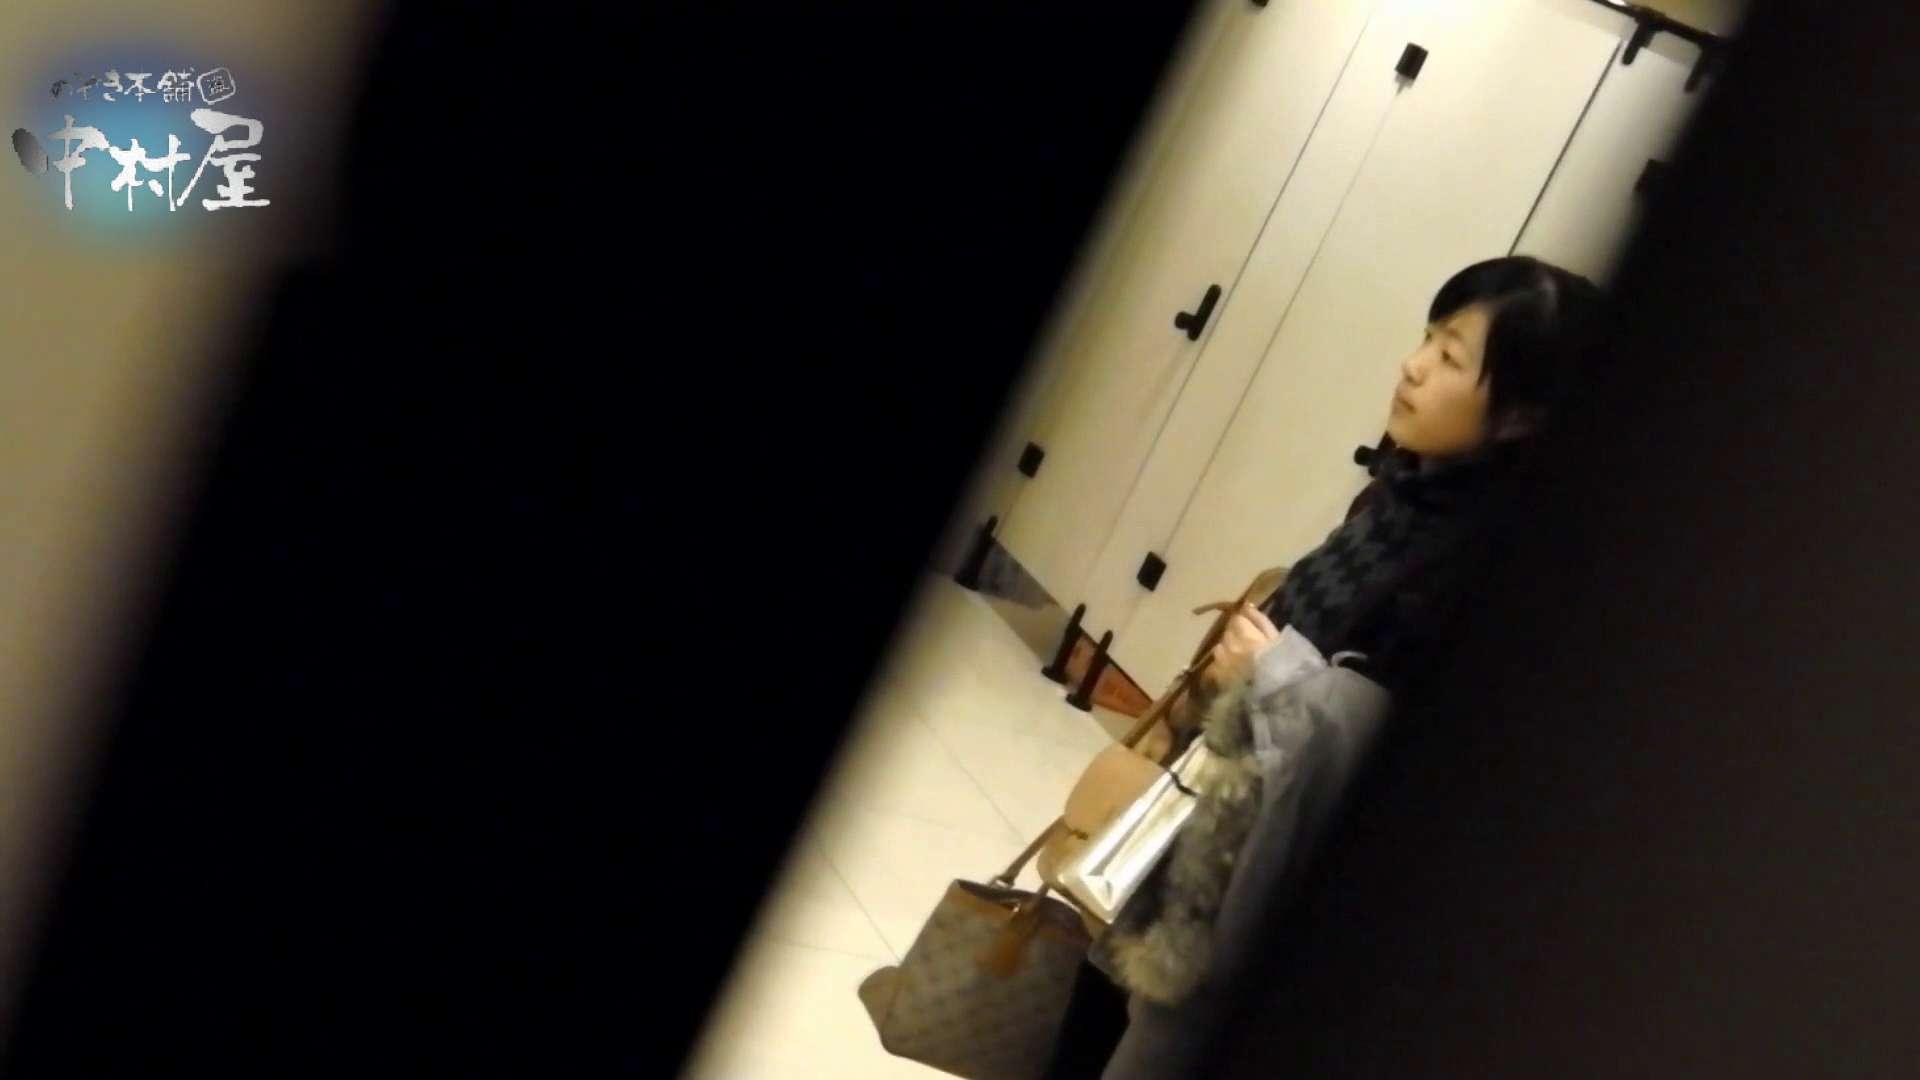 乙女集まる!ショッピングモール潜入撮vol.01 0  84pic 12